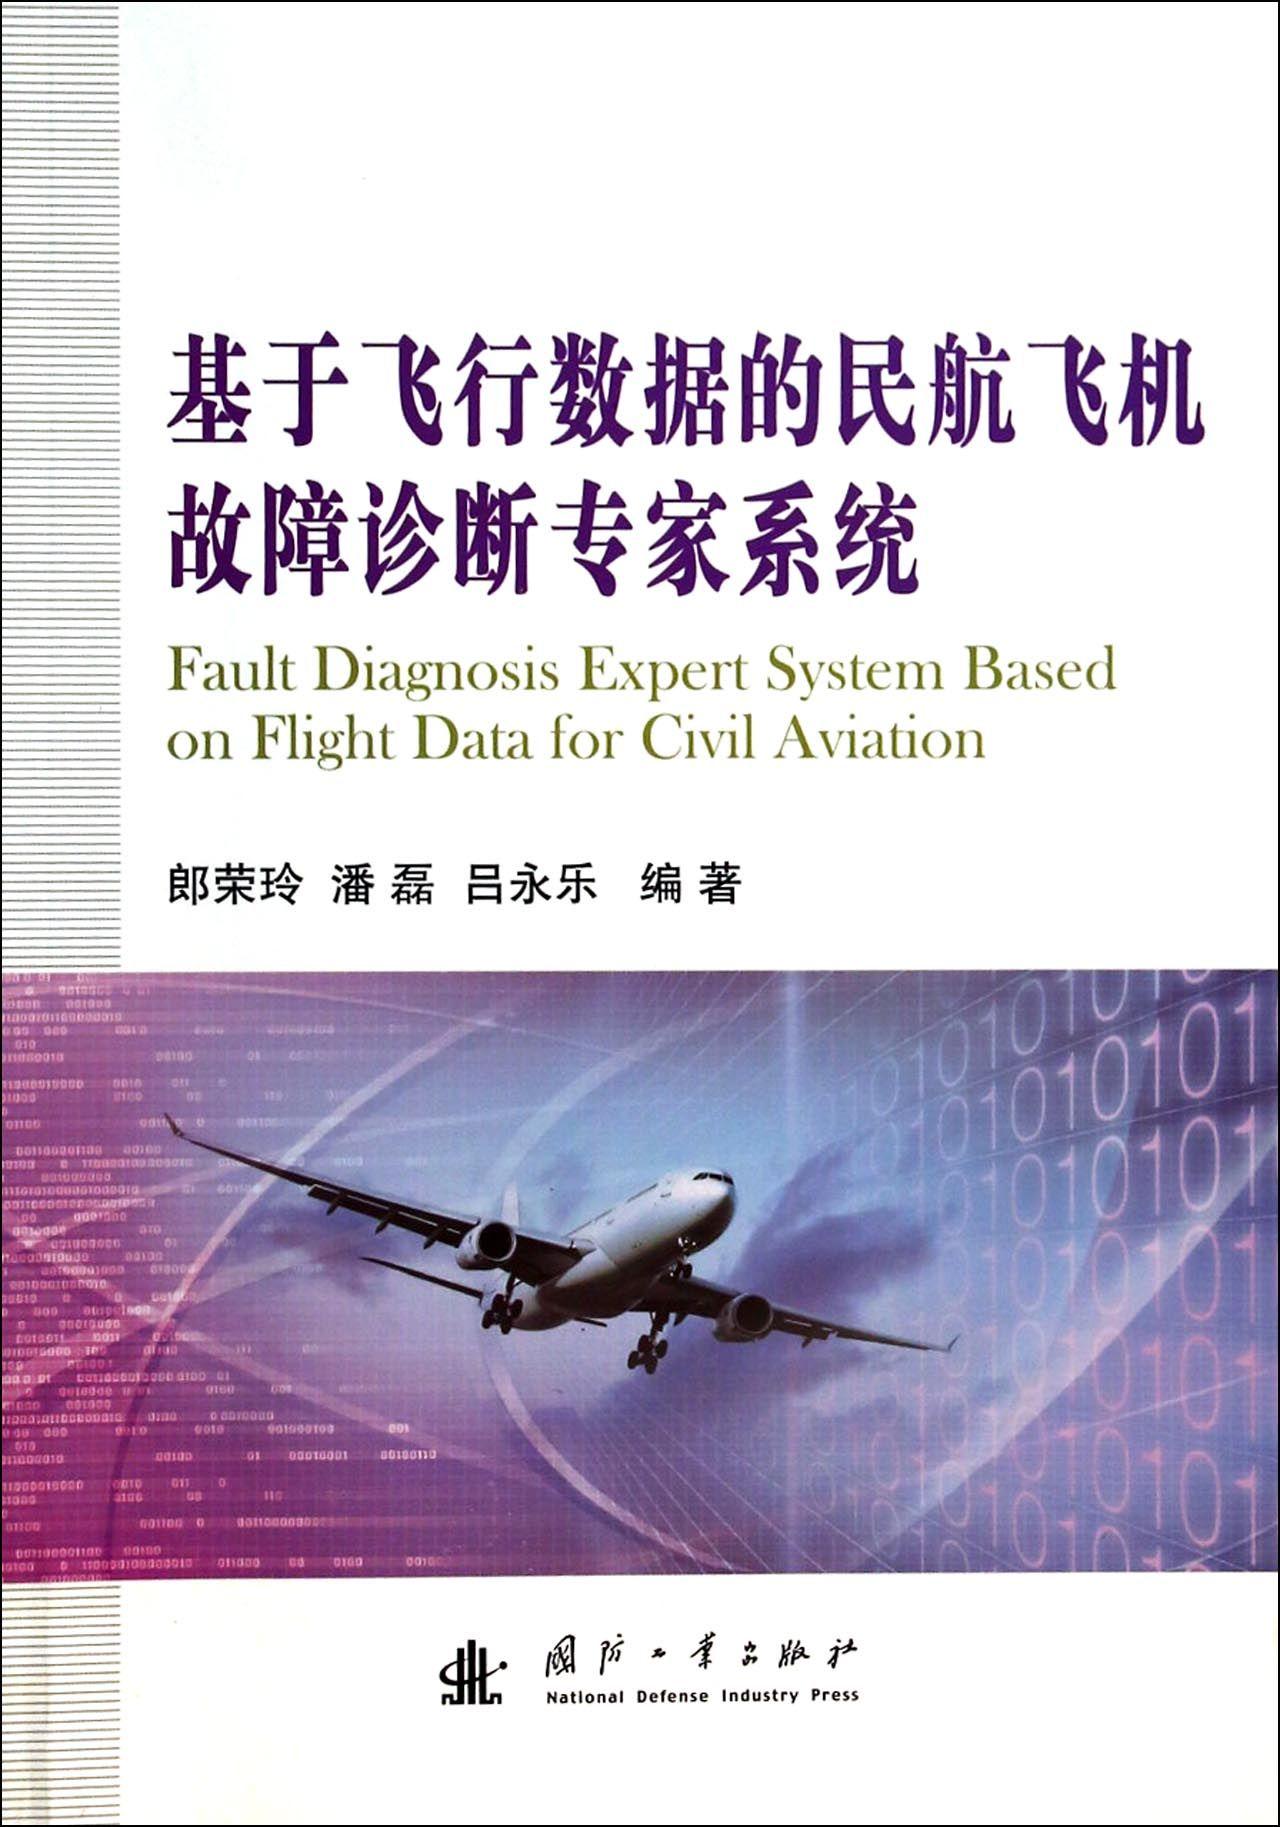 第1章 概述 1.1 背景及意义 1.2 故障诊断专家系统 1.3 飞行数据 1.3.1 飞行数据的应用 1.3.2 飞行数据的特点 第2章 基于飞行数据的故障诊断专家系统 2.1 系统设计 2.2分系统设计 2.2.1 地面维护子系统设计 2.2.2 故障诊断子系统设计 第3章 数据库的设计与维护 3.1 数据库设计 3.1.1 基本数据表 3.1.2 故障诊断子系统数据库设计 3.2数据库维护 3.2.1 基本数据表维护 3.2.2 障诊断子系统数据库维护 第4章 故障征兆获取技术 4.1 故障征兆获